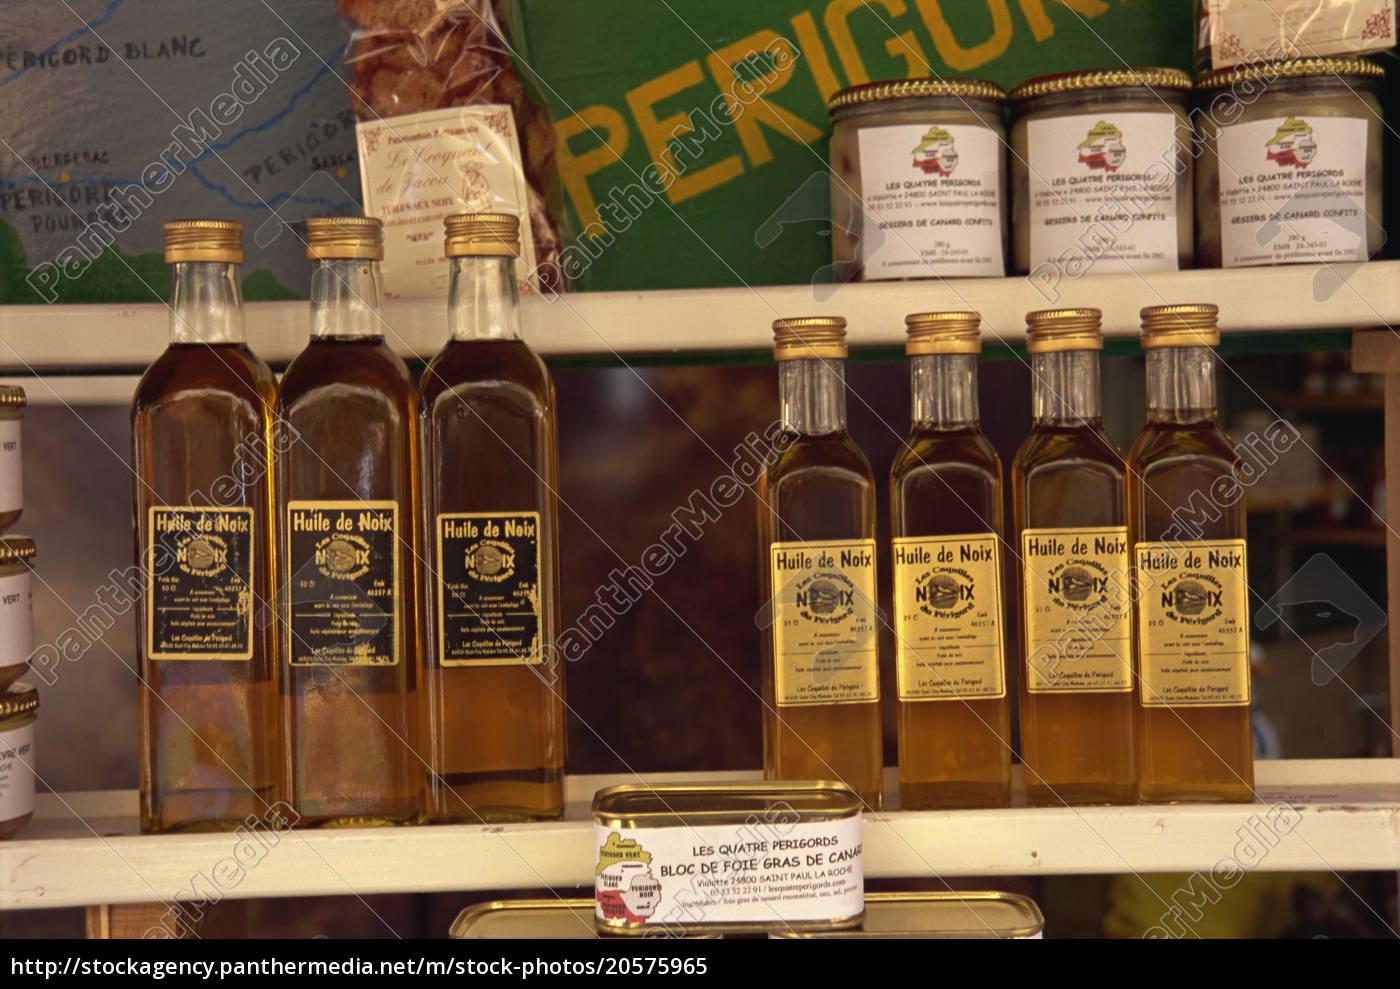 produktion, von, perigord, le, bugue, markt, dordogne, aquitaine, frankreich, europa - 20575965